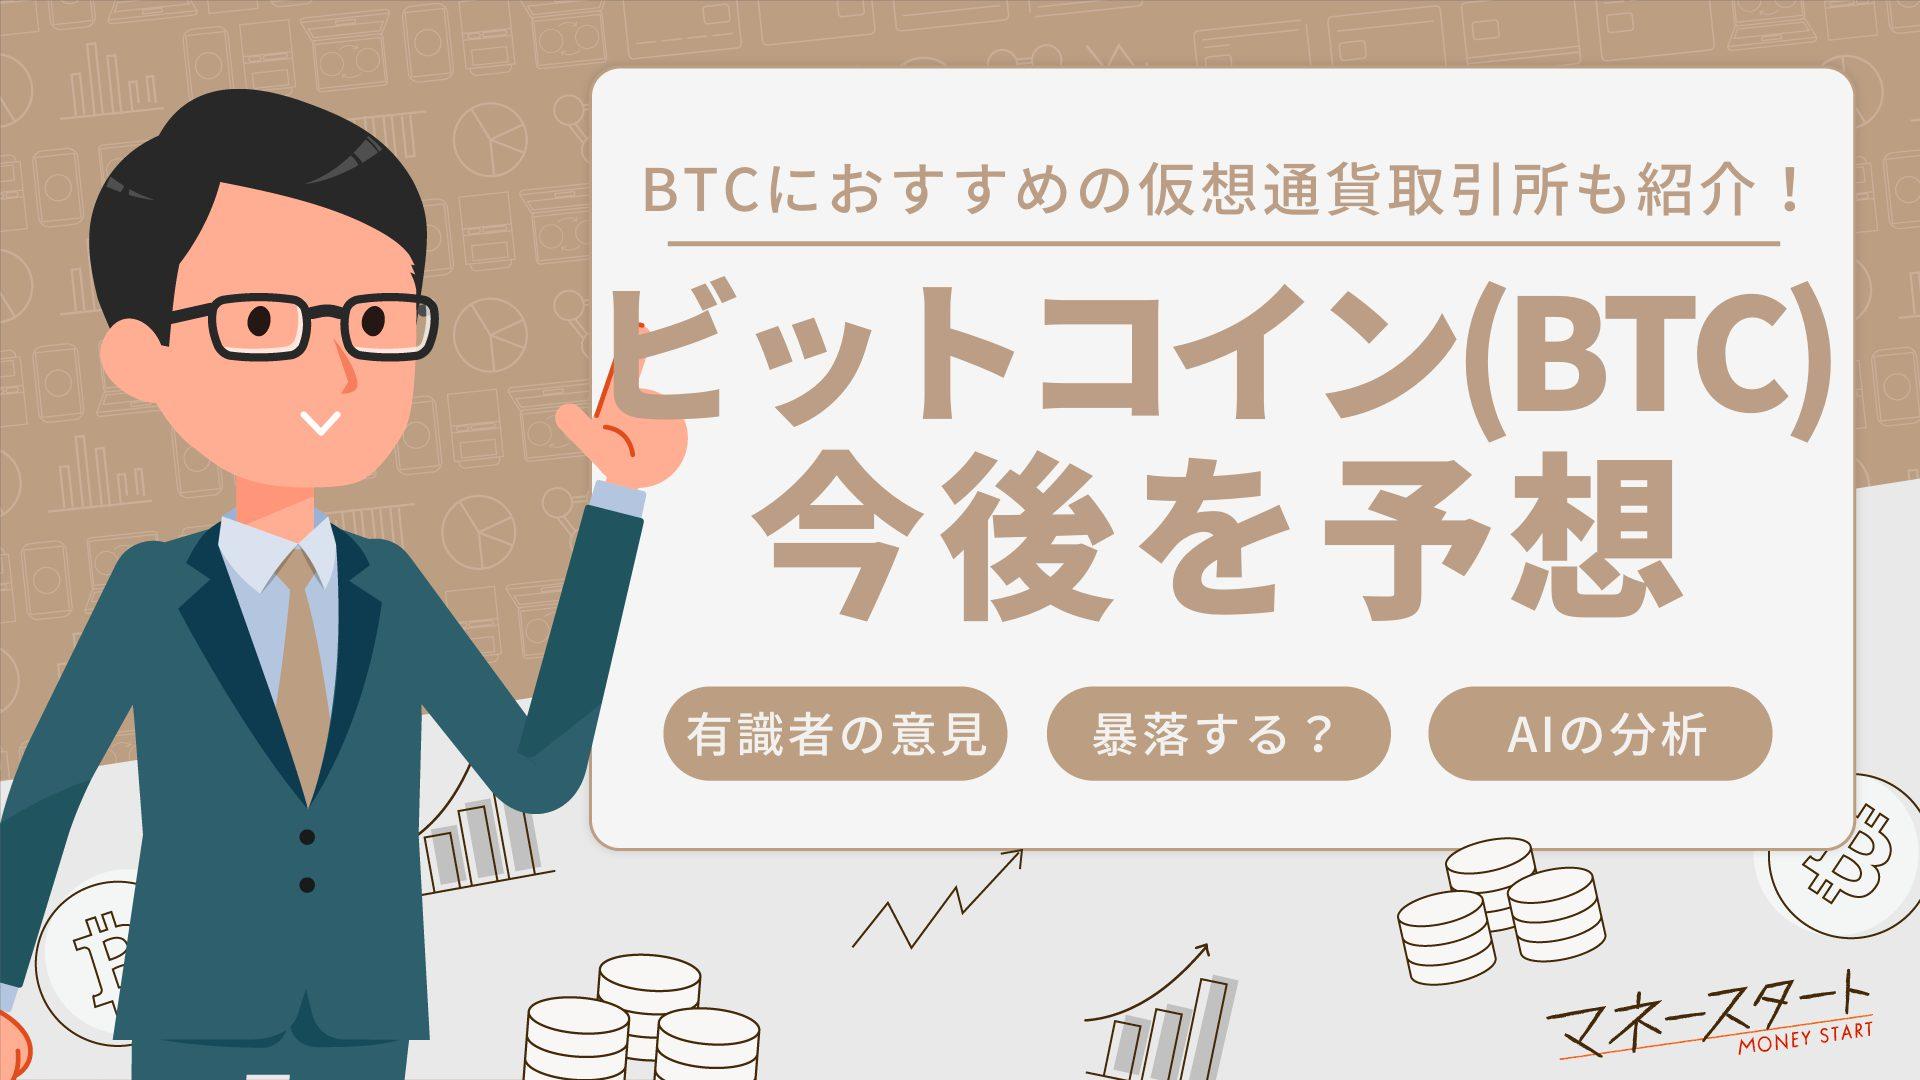 ビットコインは今後暴落する?予想や将来性・おすすめの取引所4選を紹介